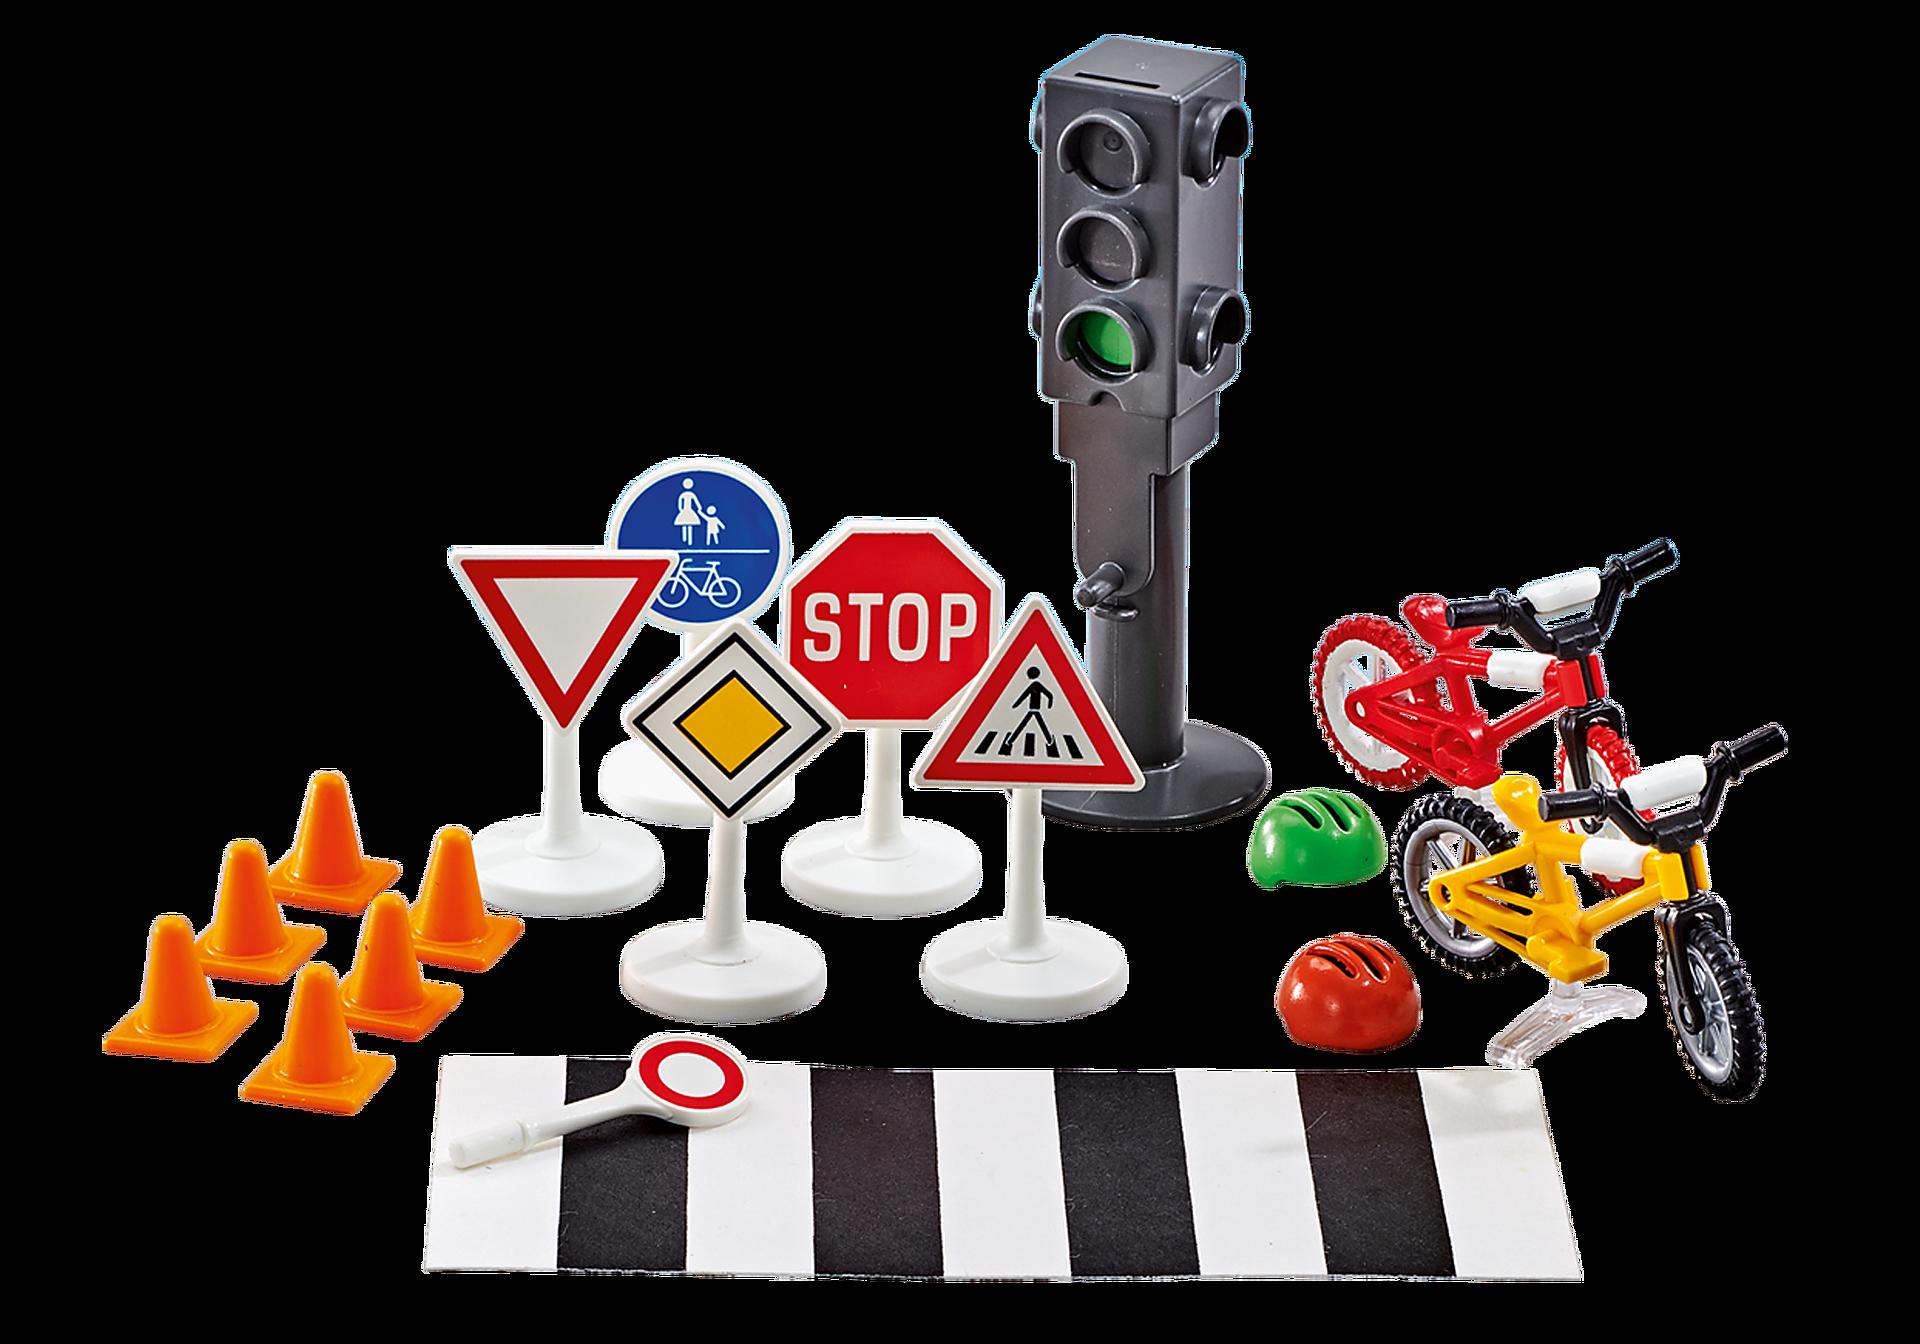 9812 Set per la sicurezza stradale zoom image1